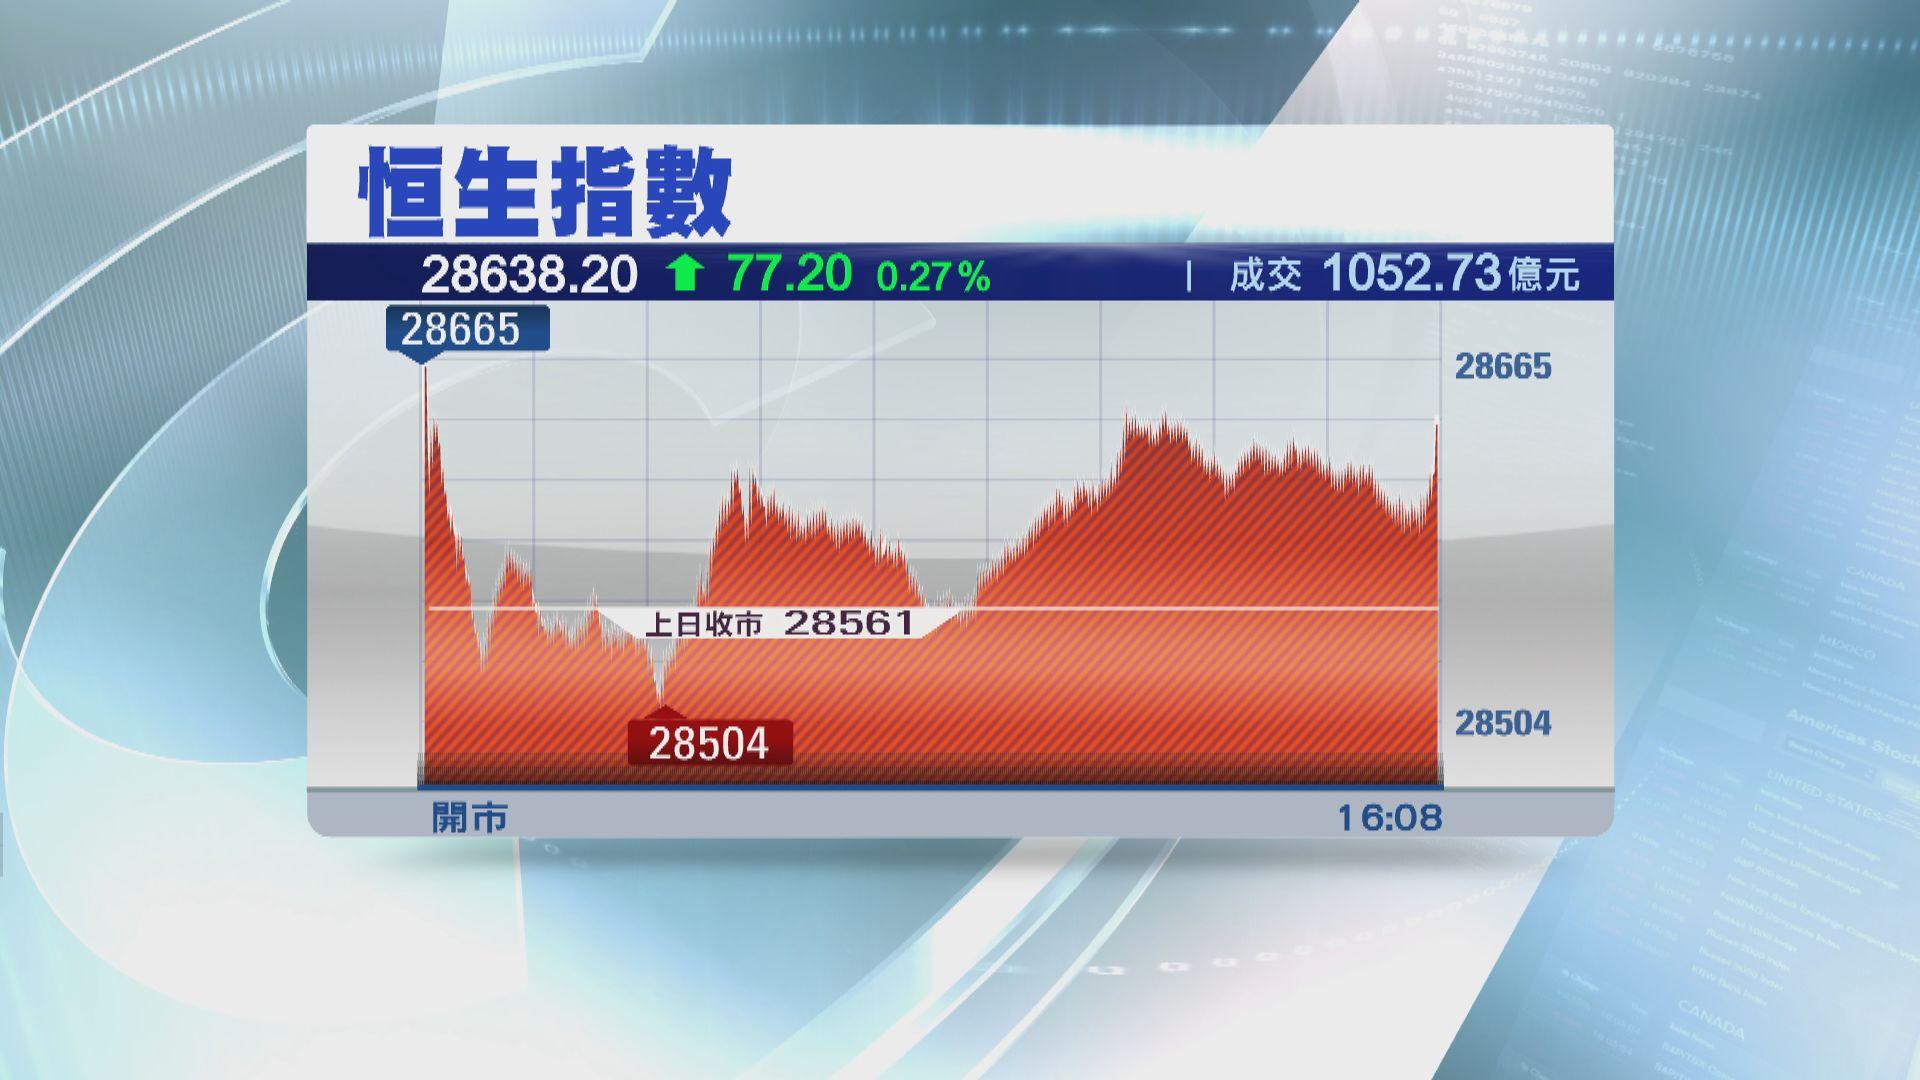 【騰訊推動】恒指升77點 騰訊曾迫近400元